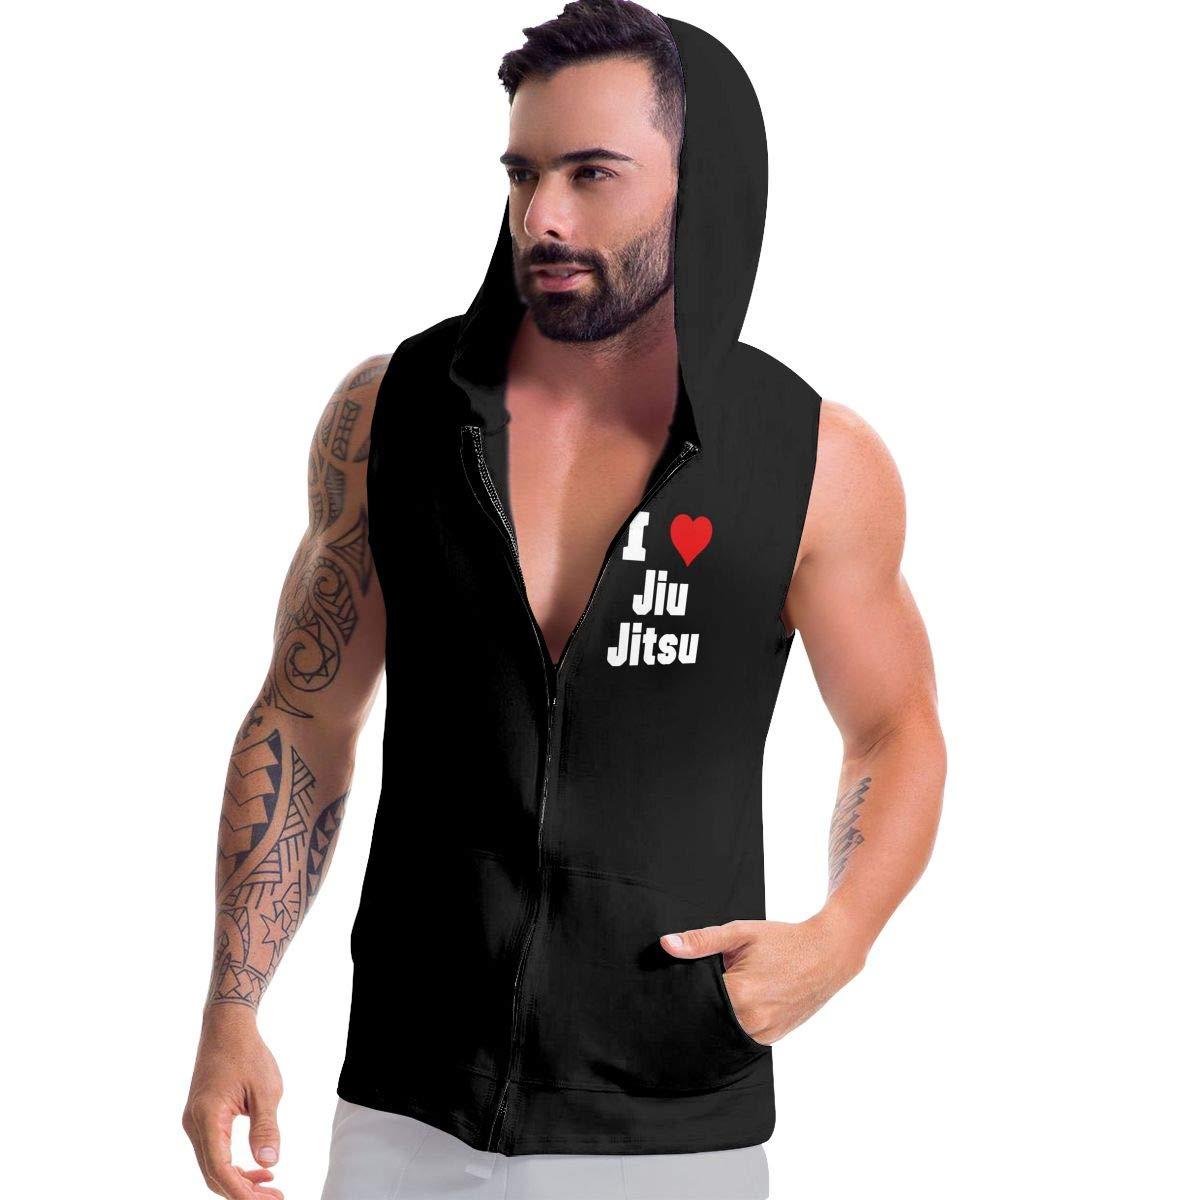 I Love Jiu Jitsu 1 Mens Sleeveless Zipper Fleece Hoodie Bodybuilding Vest Tank